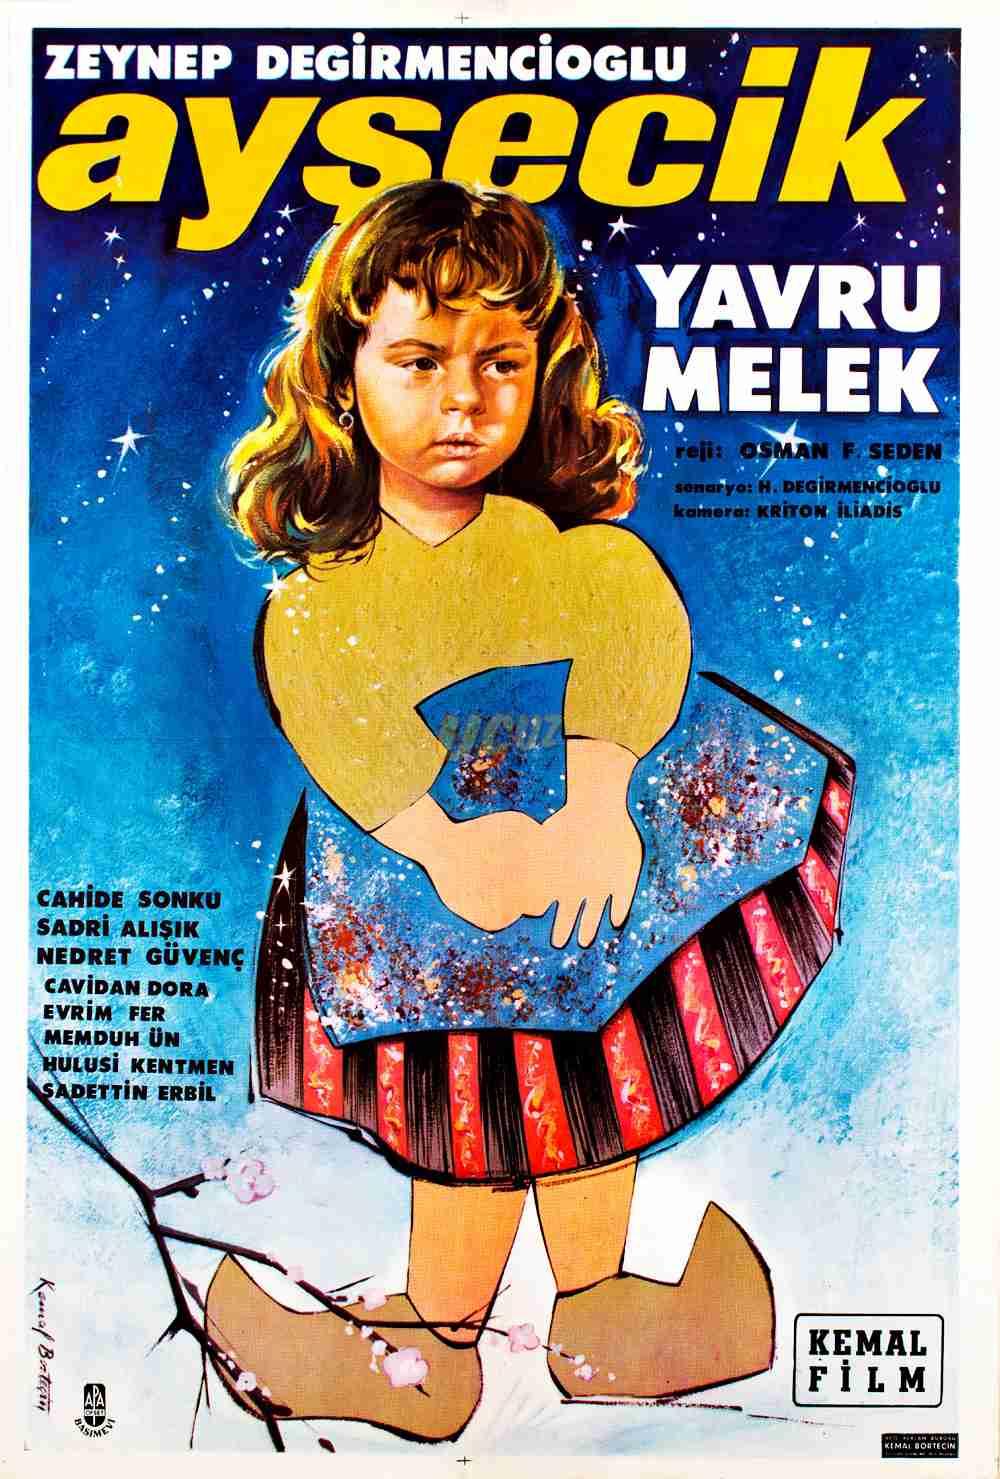 aysecik_yavru_melek_1962-3